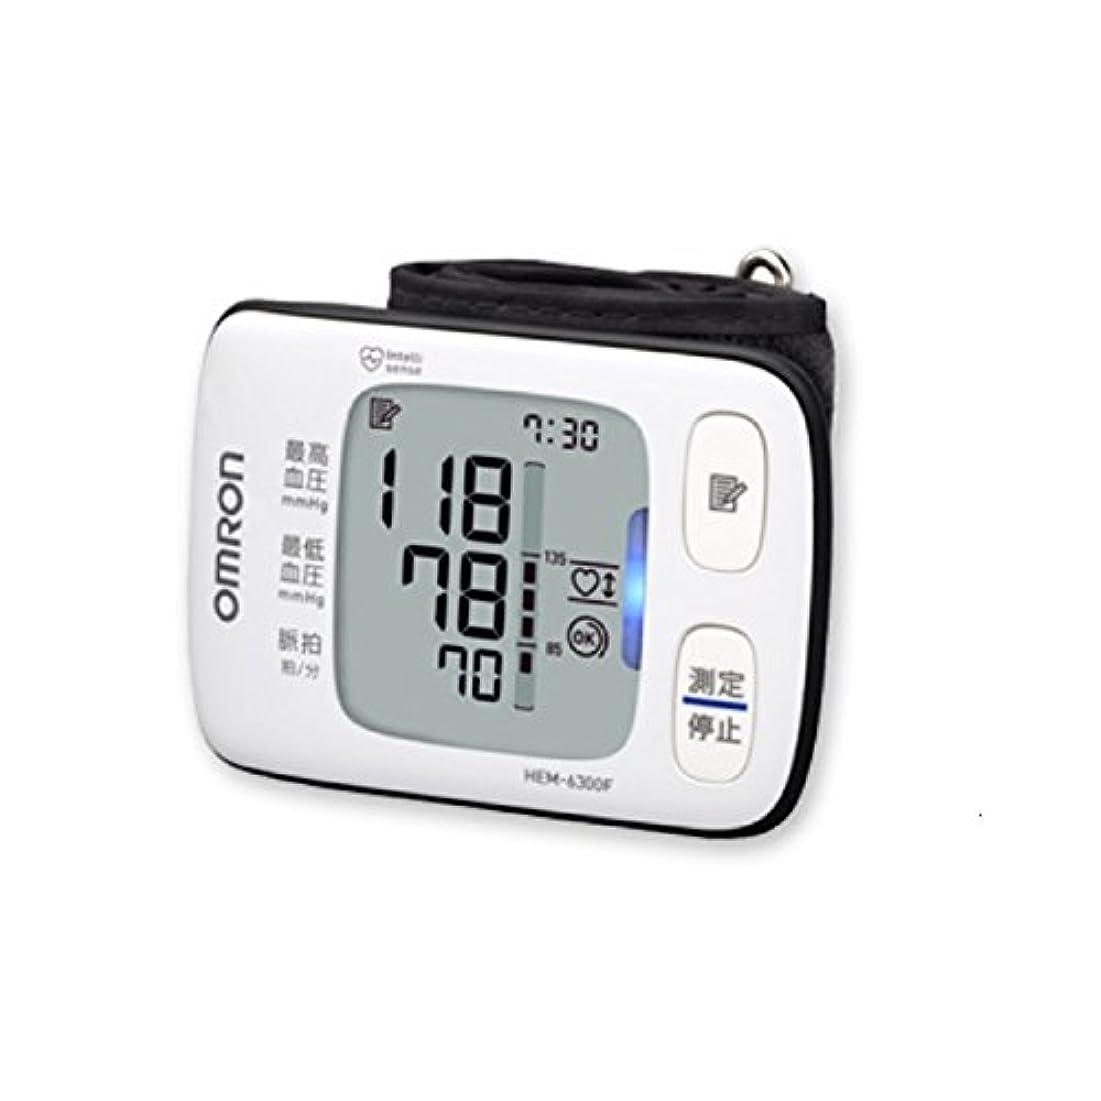 毒液大陸入場料オムロン 電子血圧計 手首式 HEM-6300F